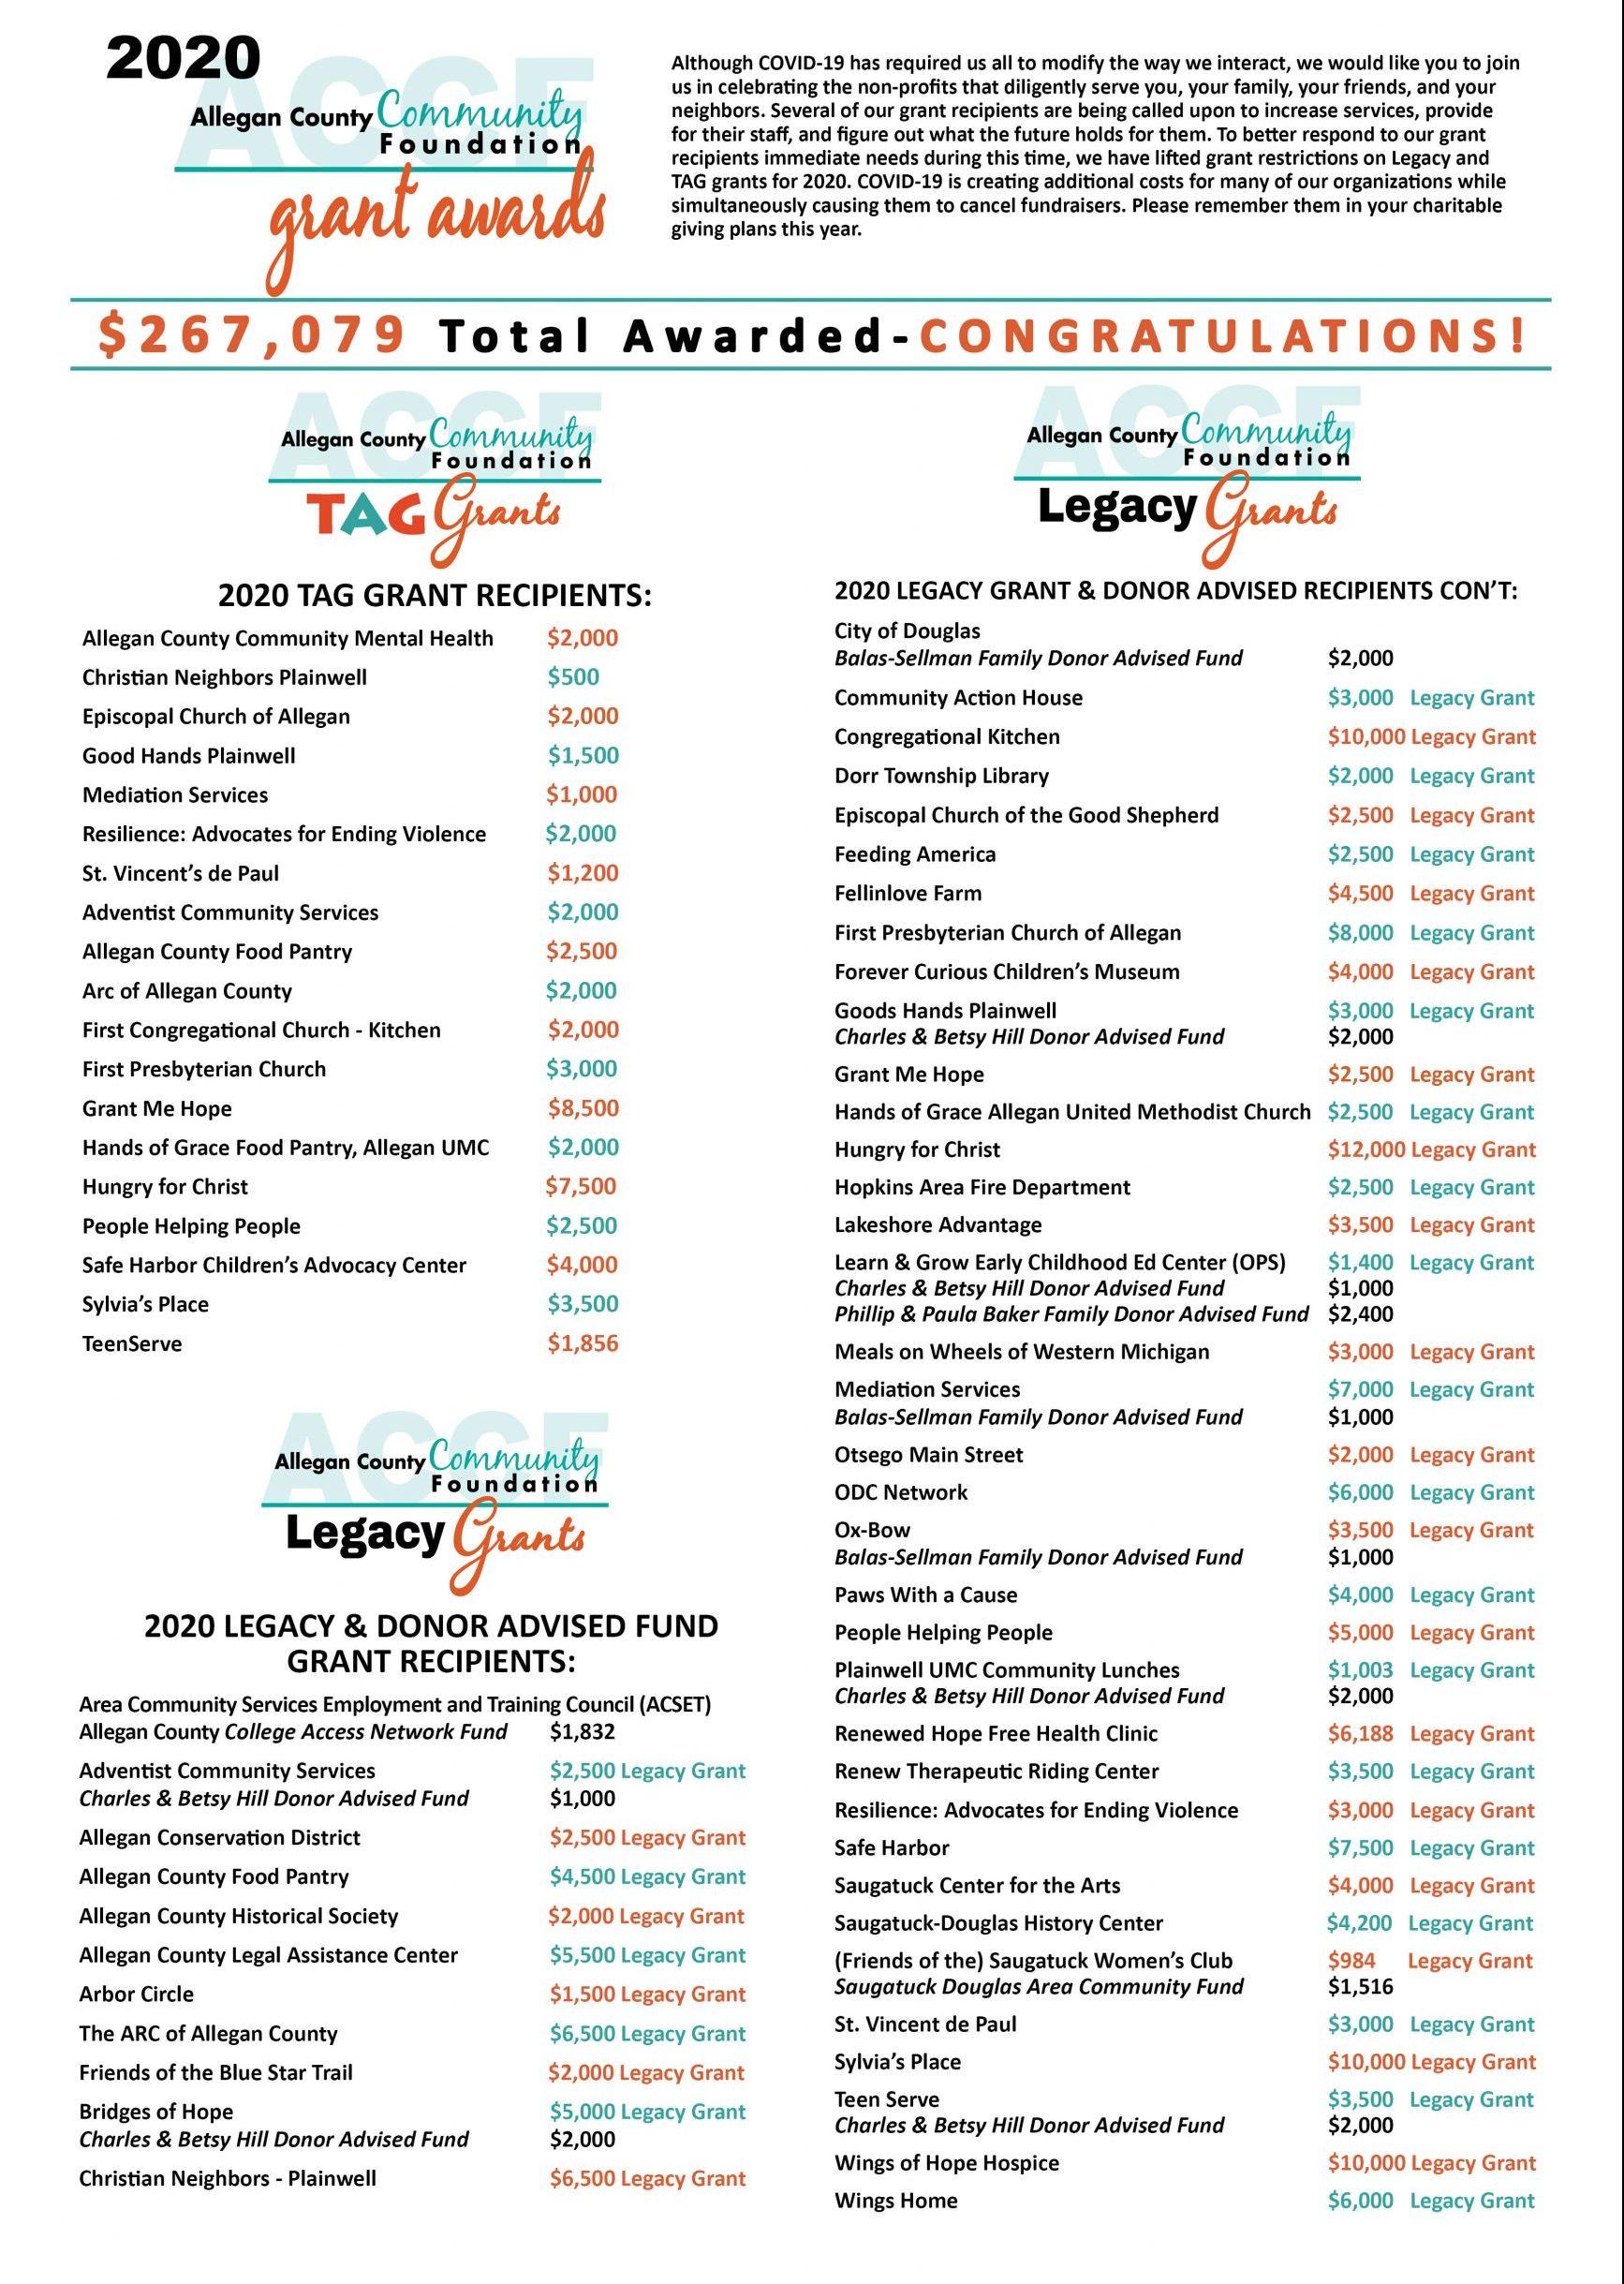 list of 2020 grant recipients